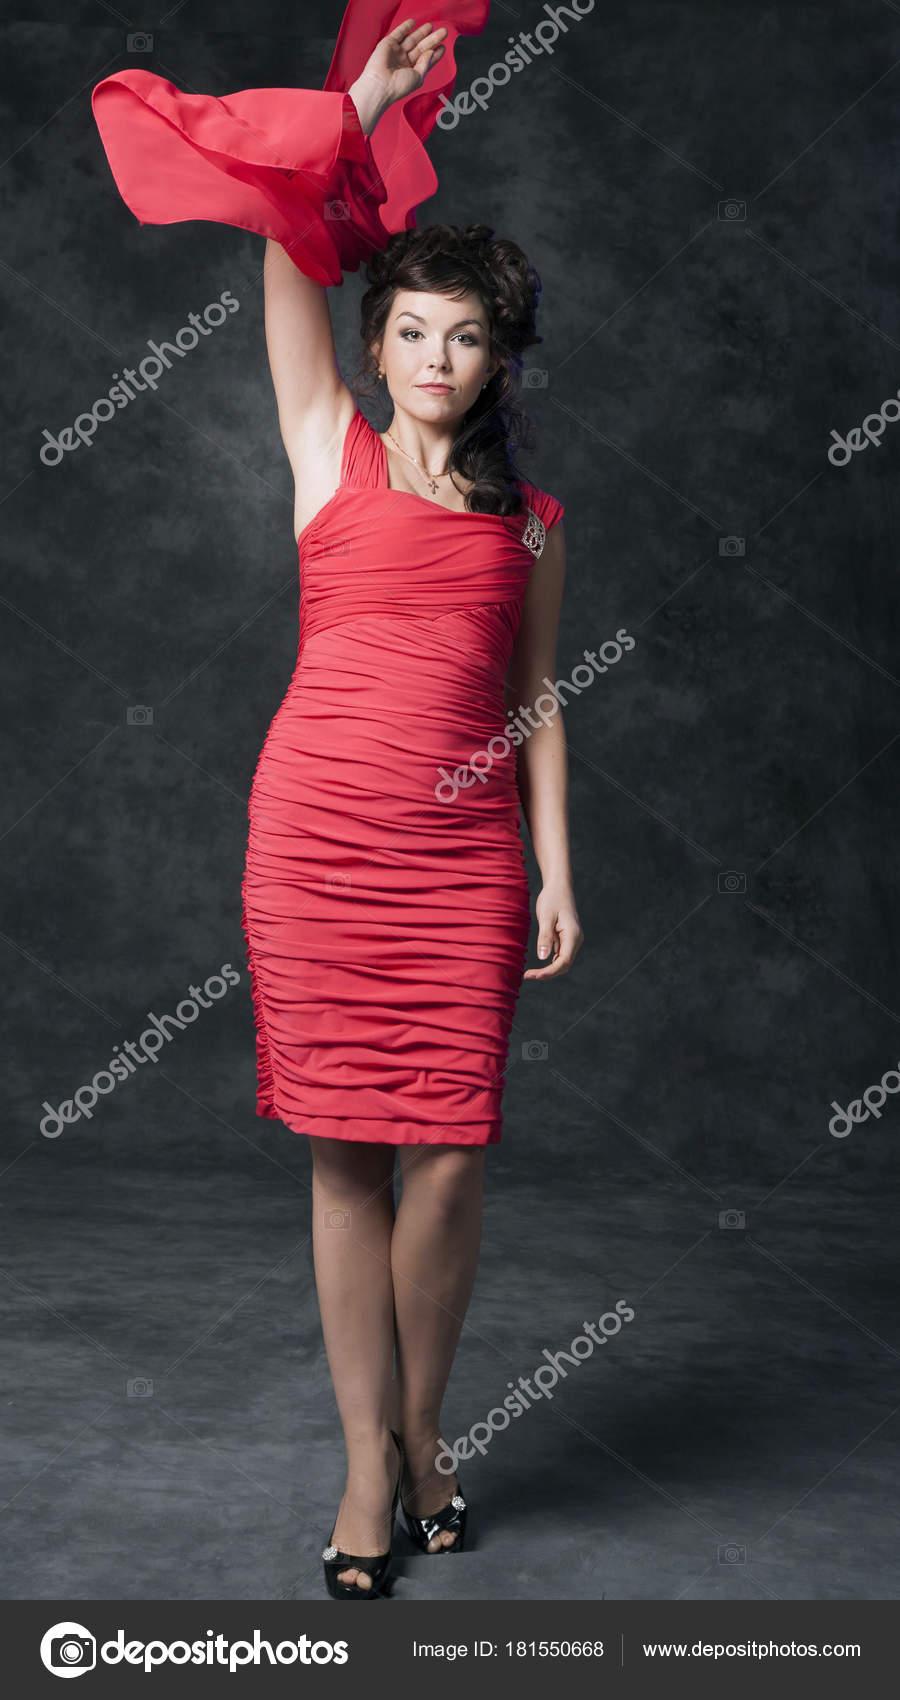 33fa7003c4 Egy bájos barna a divatos elegáns piros ruha teszi bemocskolják a  stúdió-fekete háttér — Fotó szerzőtől ...